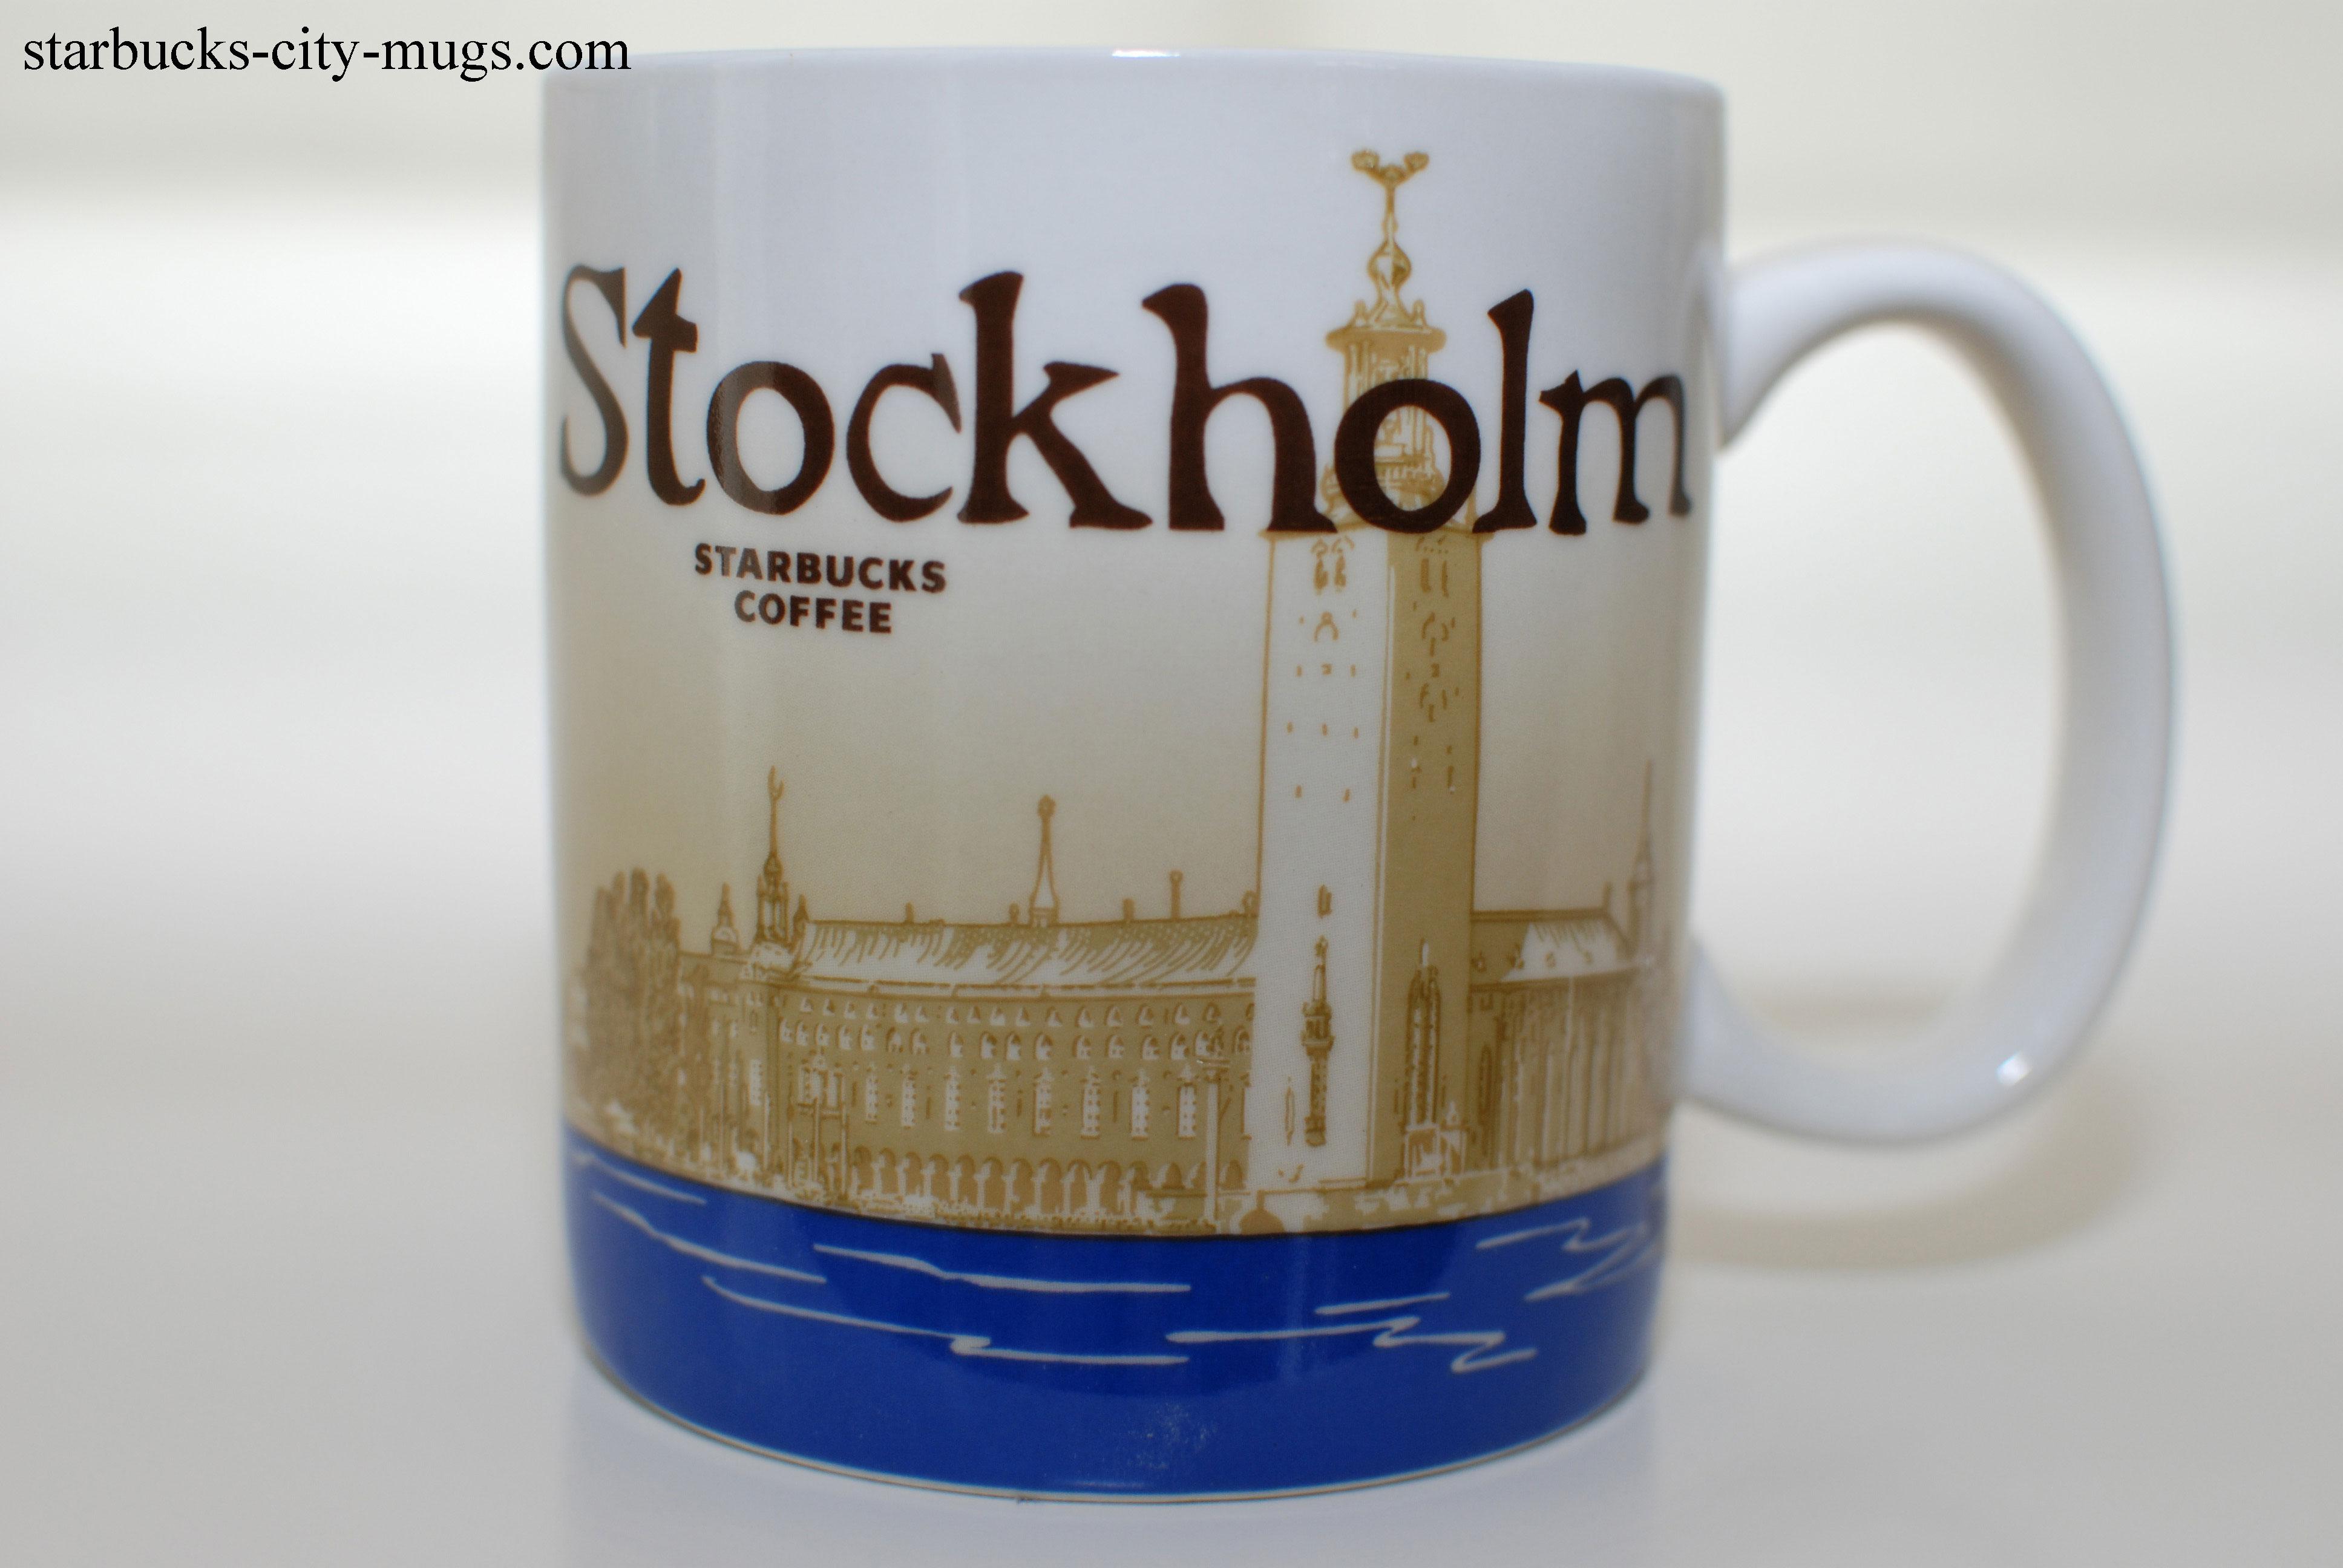 stockholm starbucks city mugs. Black Bedroom Furniture Sets. Home Design Ideas